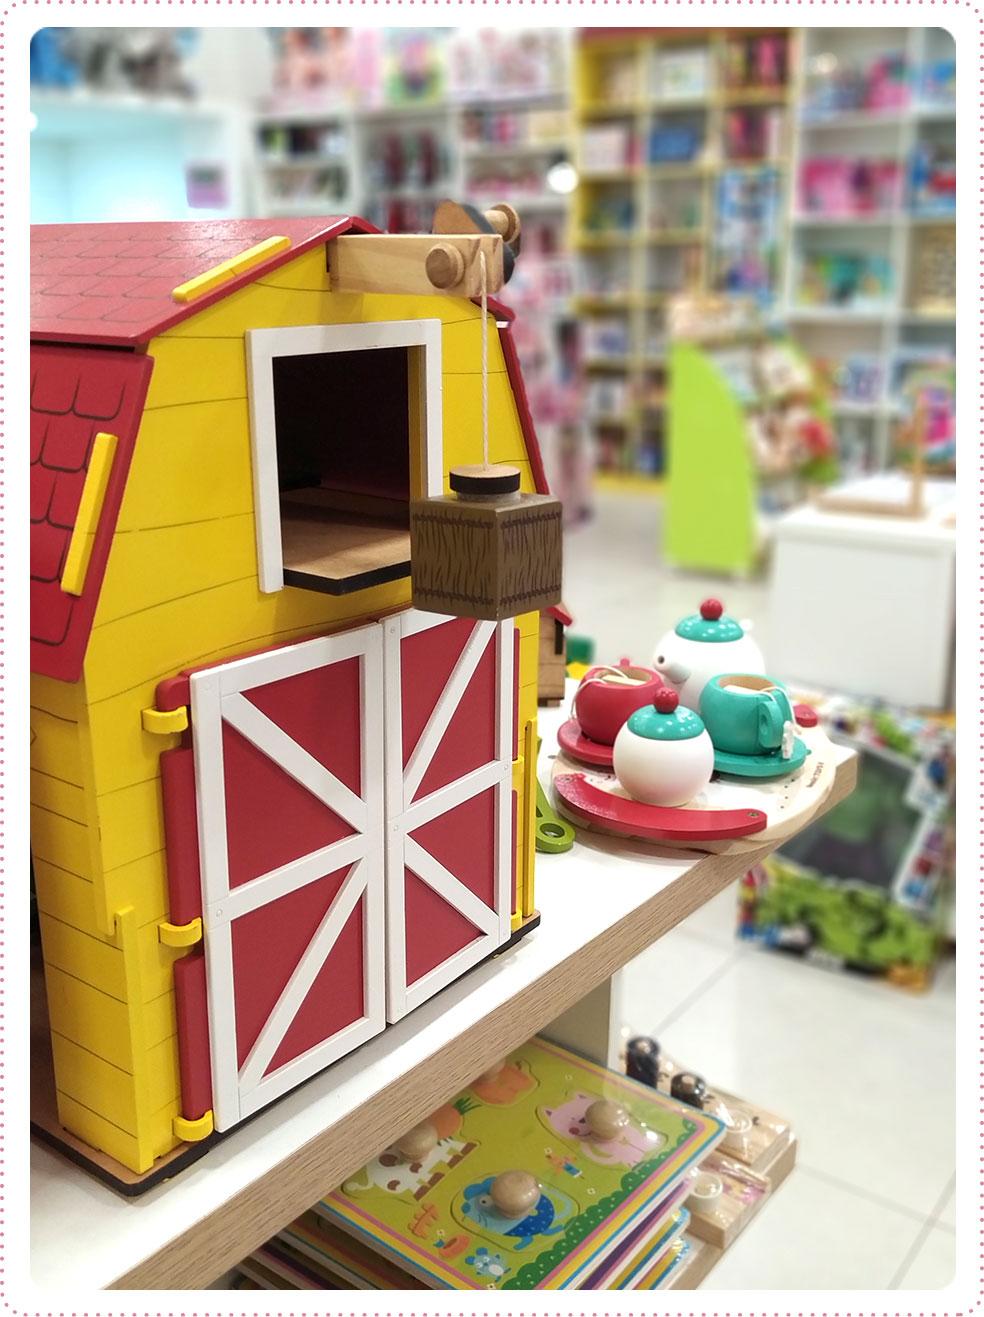 Especializada em brinquedos educativos e brinquedos de madeira nosso catálogo de brinquedos possui opções para todas as idades e gostos